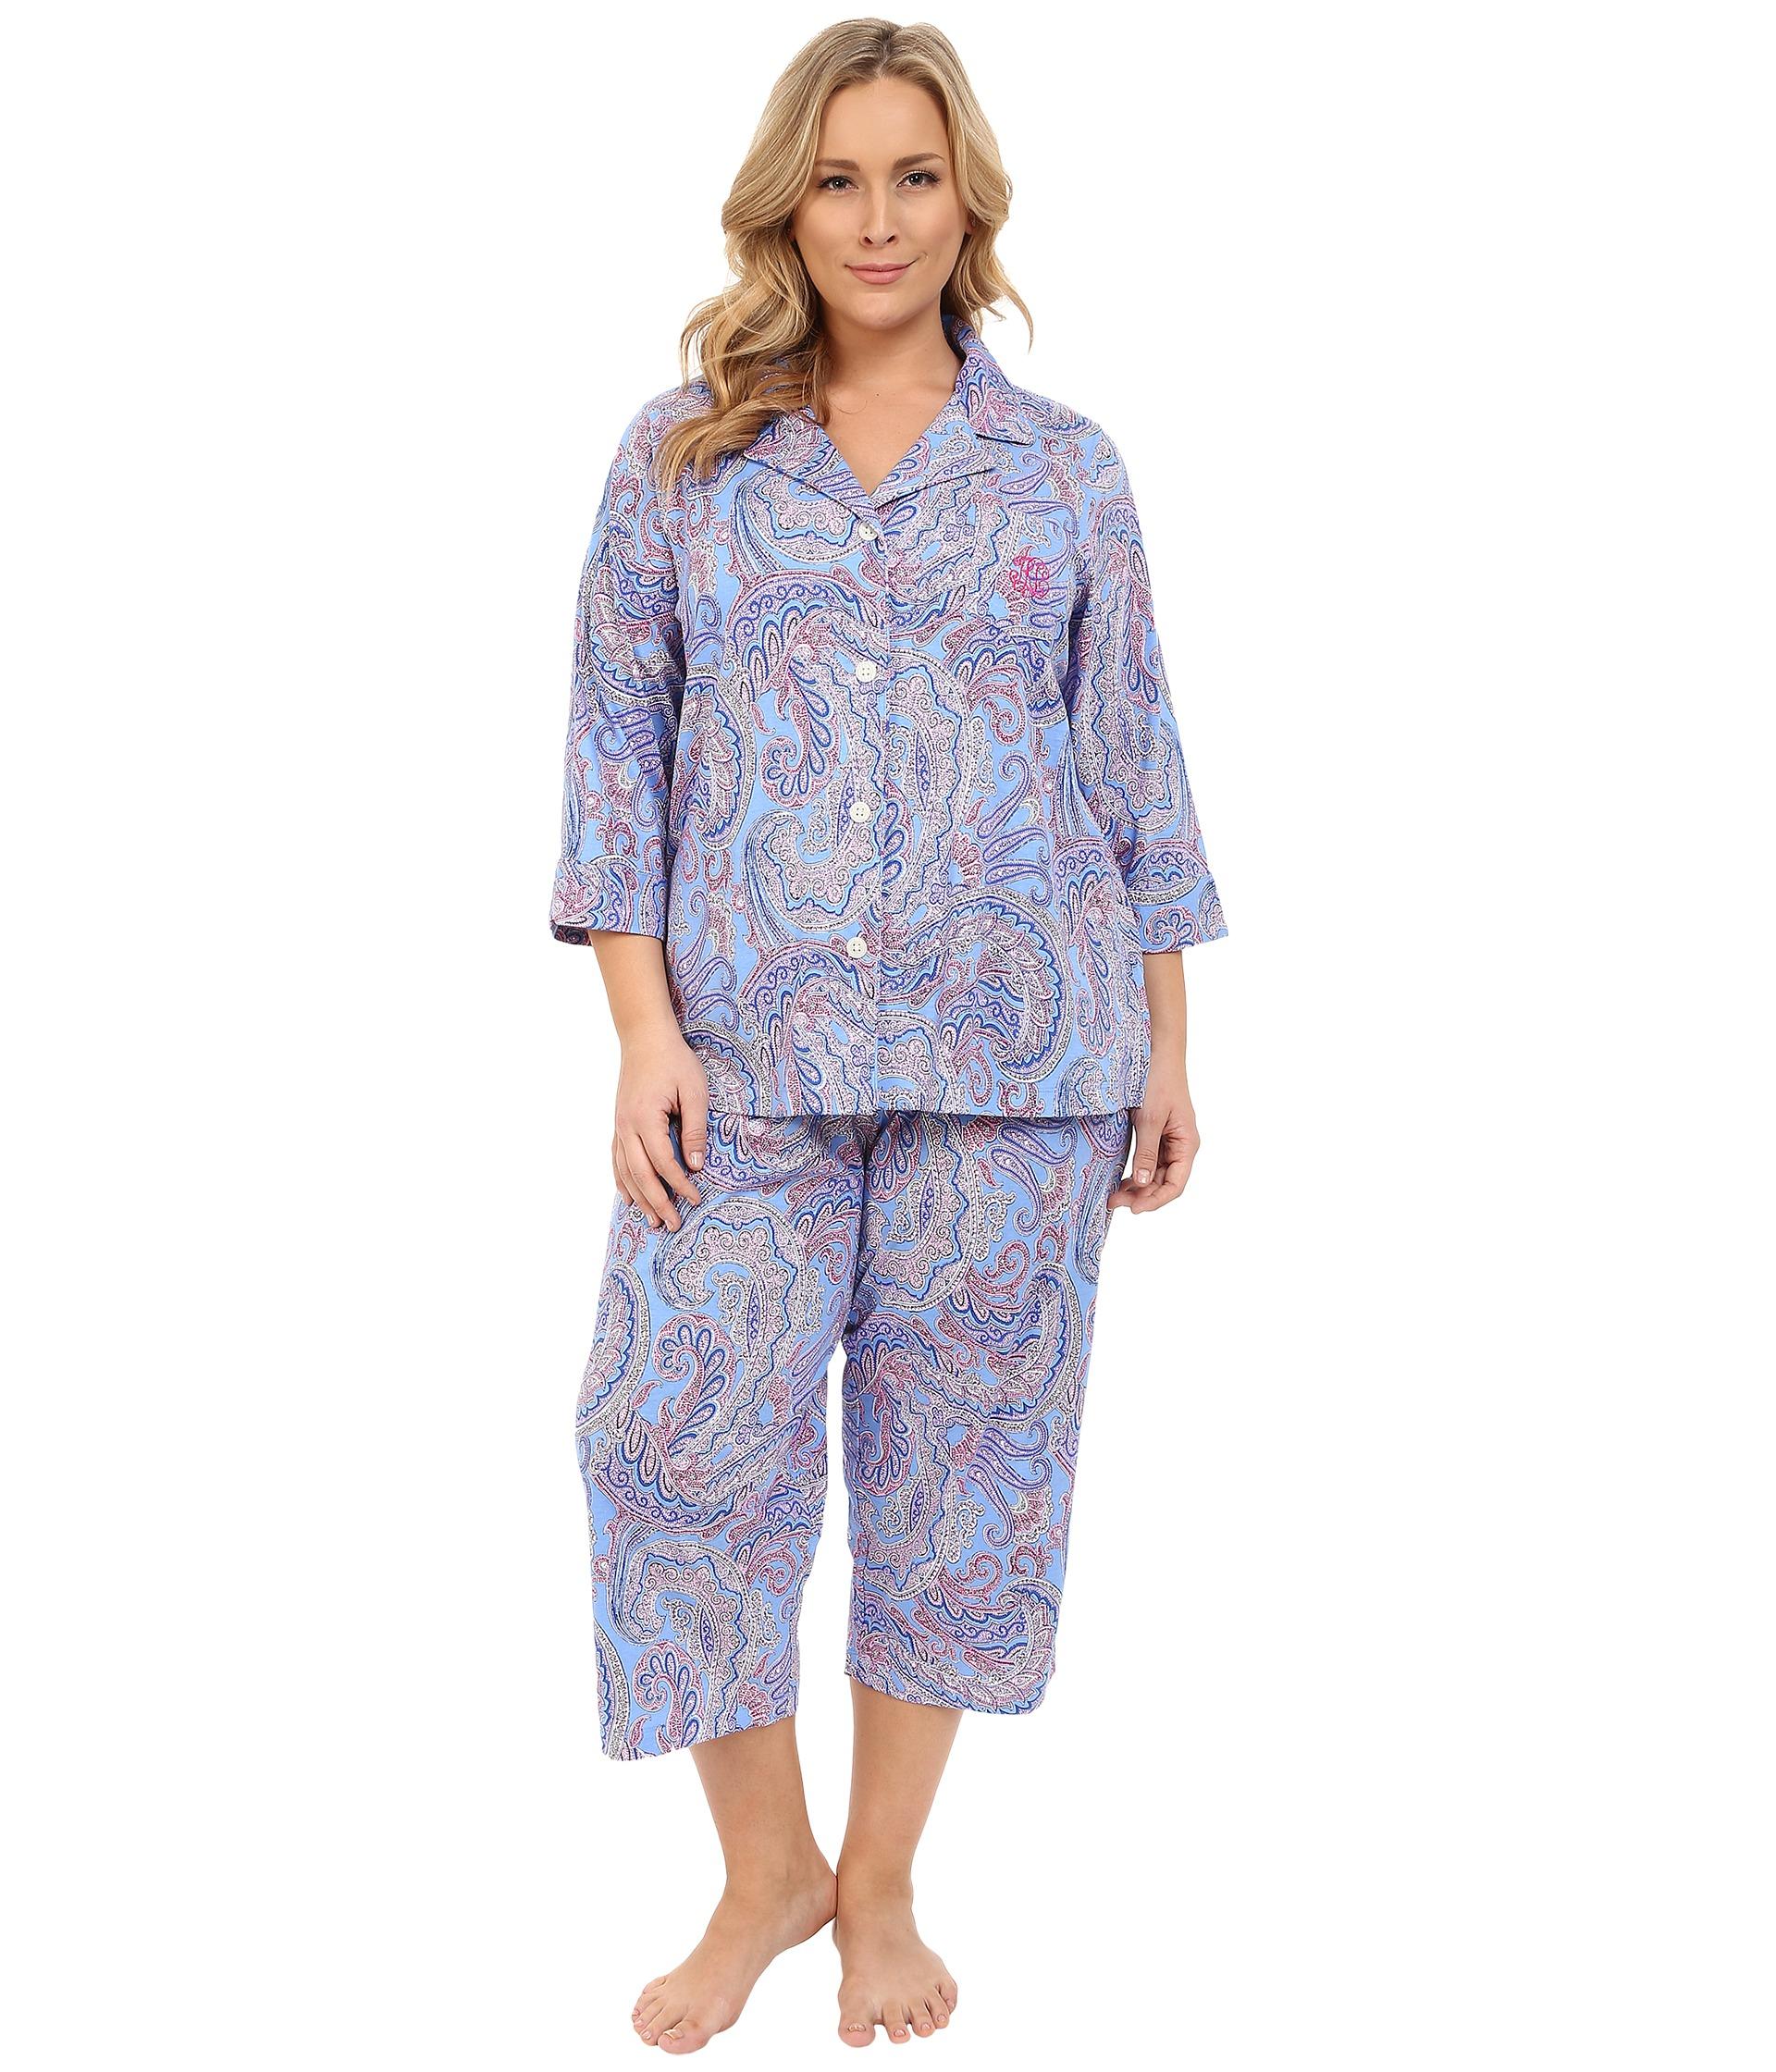 a9786fd03d1 Lauren by Ralph Lauren Plus Size Paisley Knit Notch Collar Capri ...